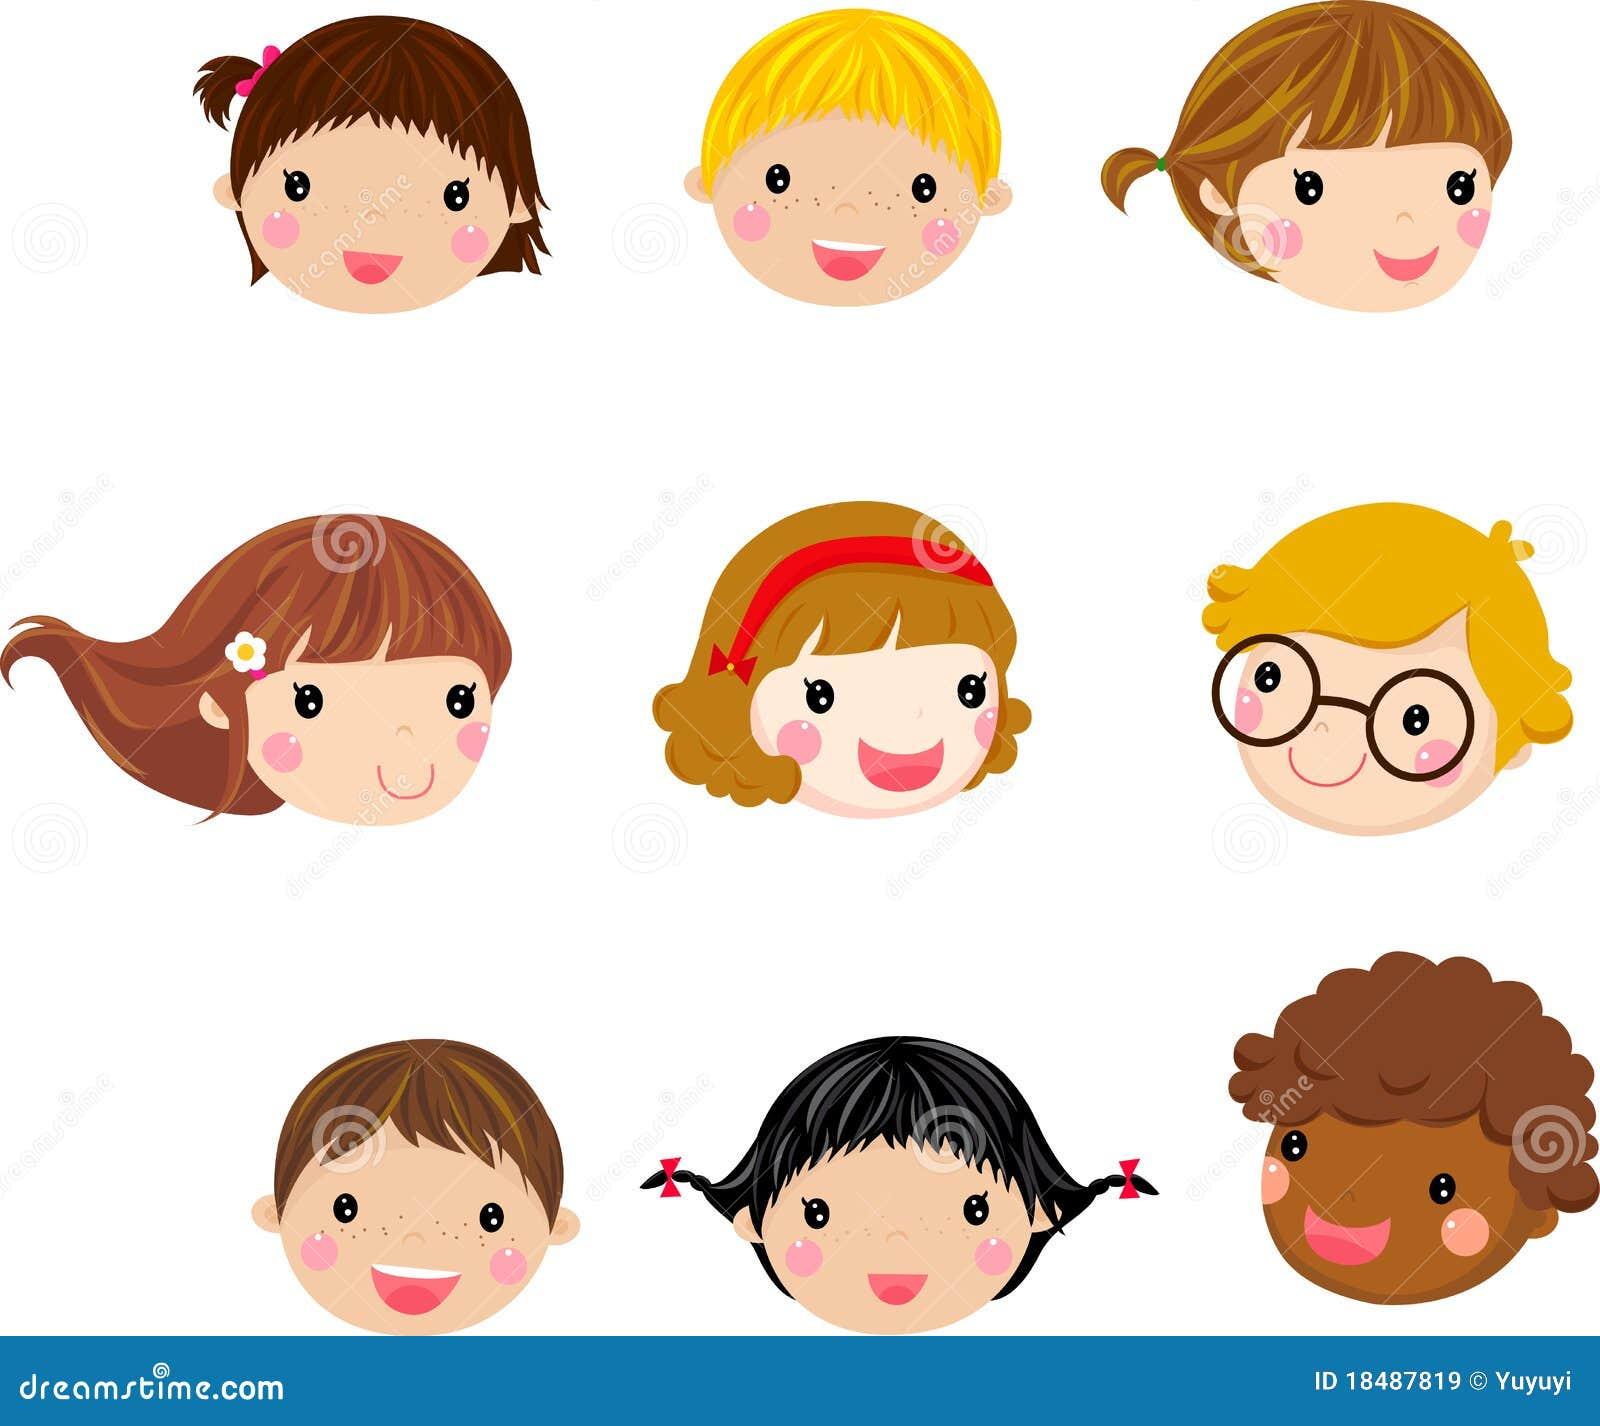 Bien-aimé Visage D'enfants De Dessin Animé Images libres de droits - Image  YA77